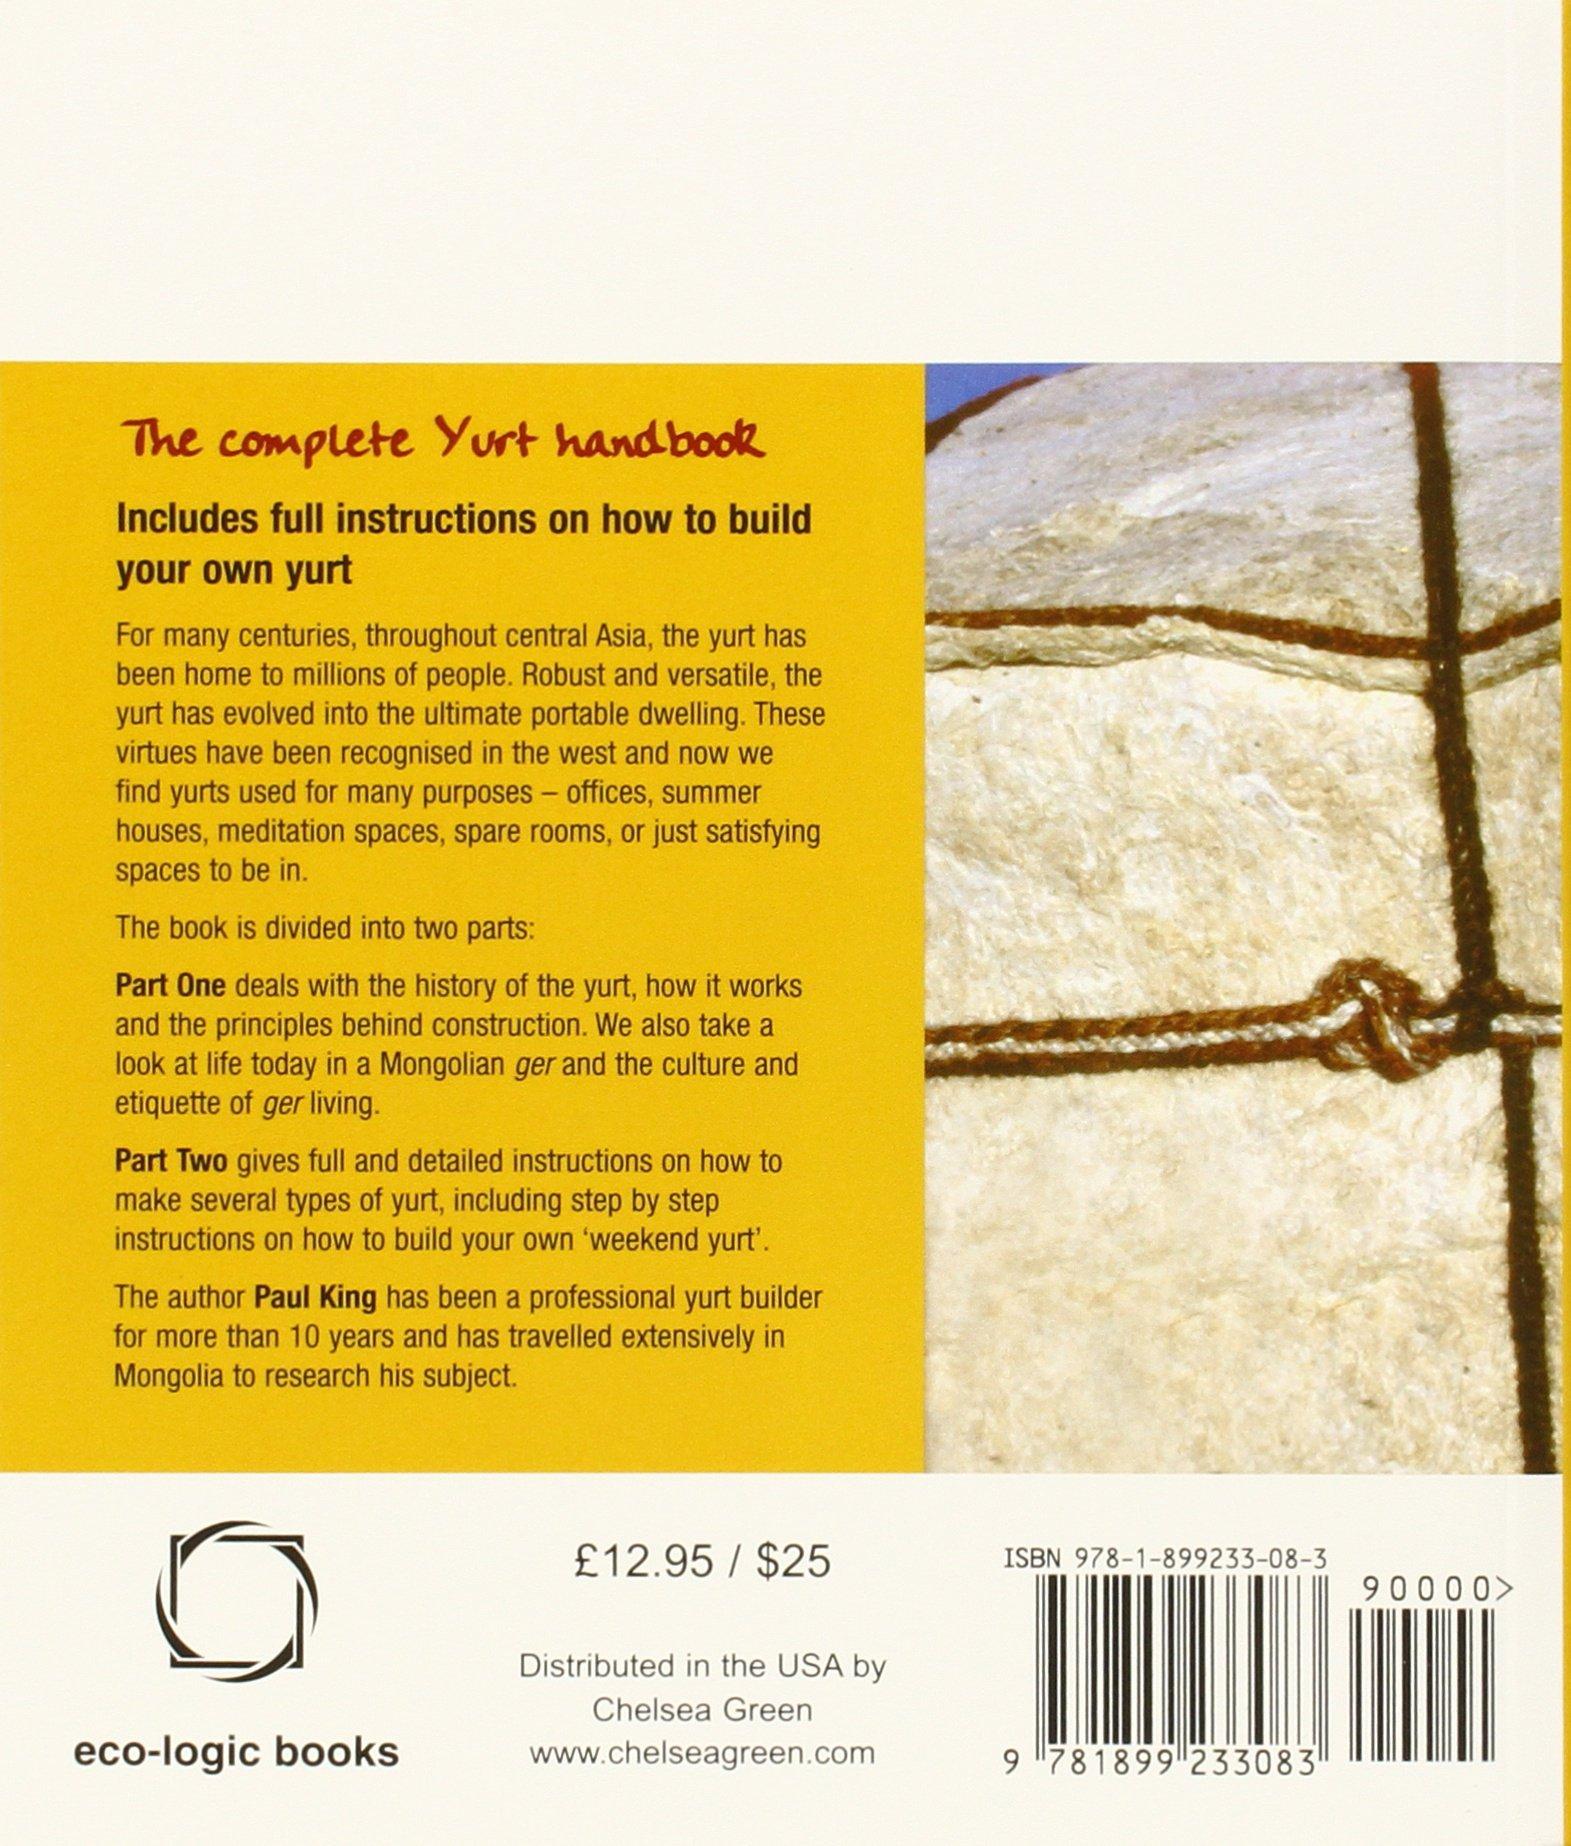 The Complete Yurt Handbook 2